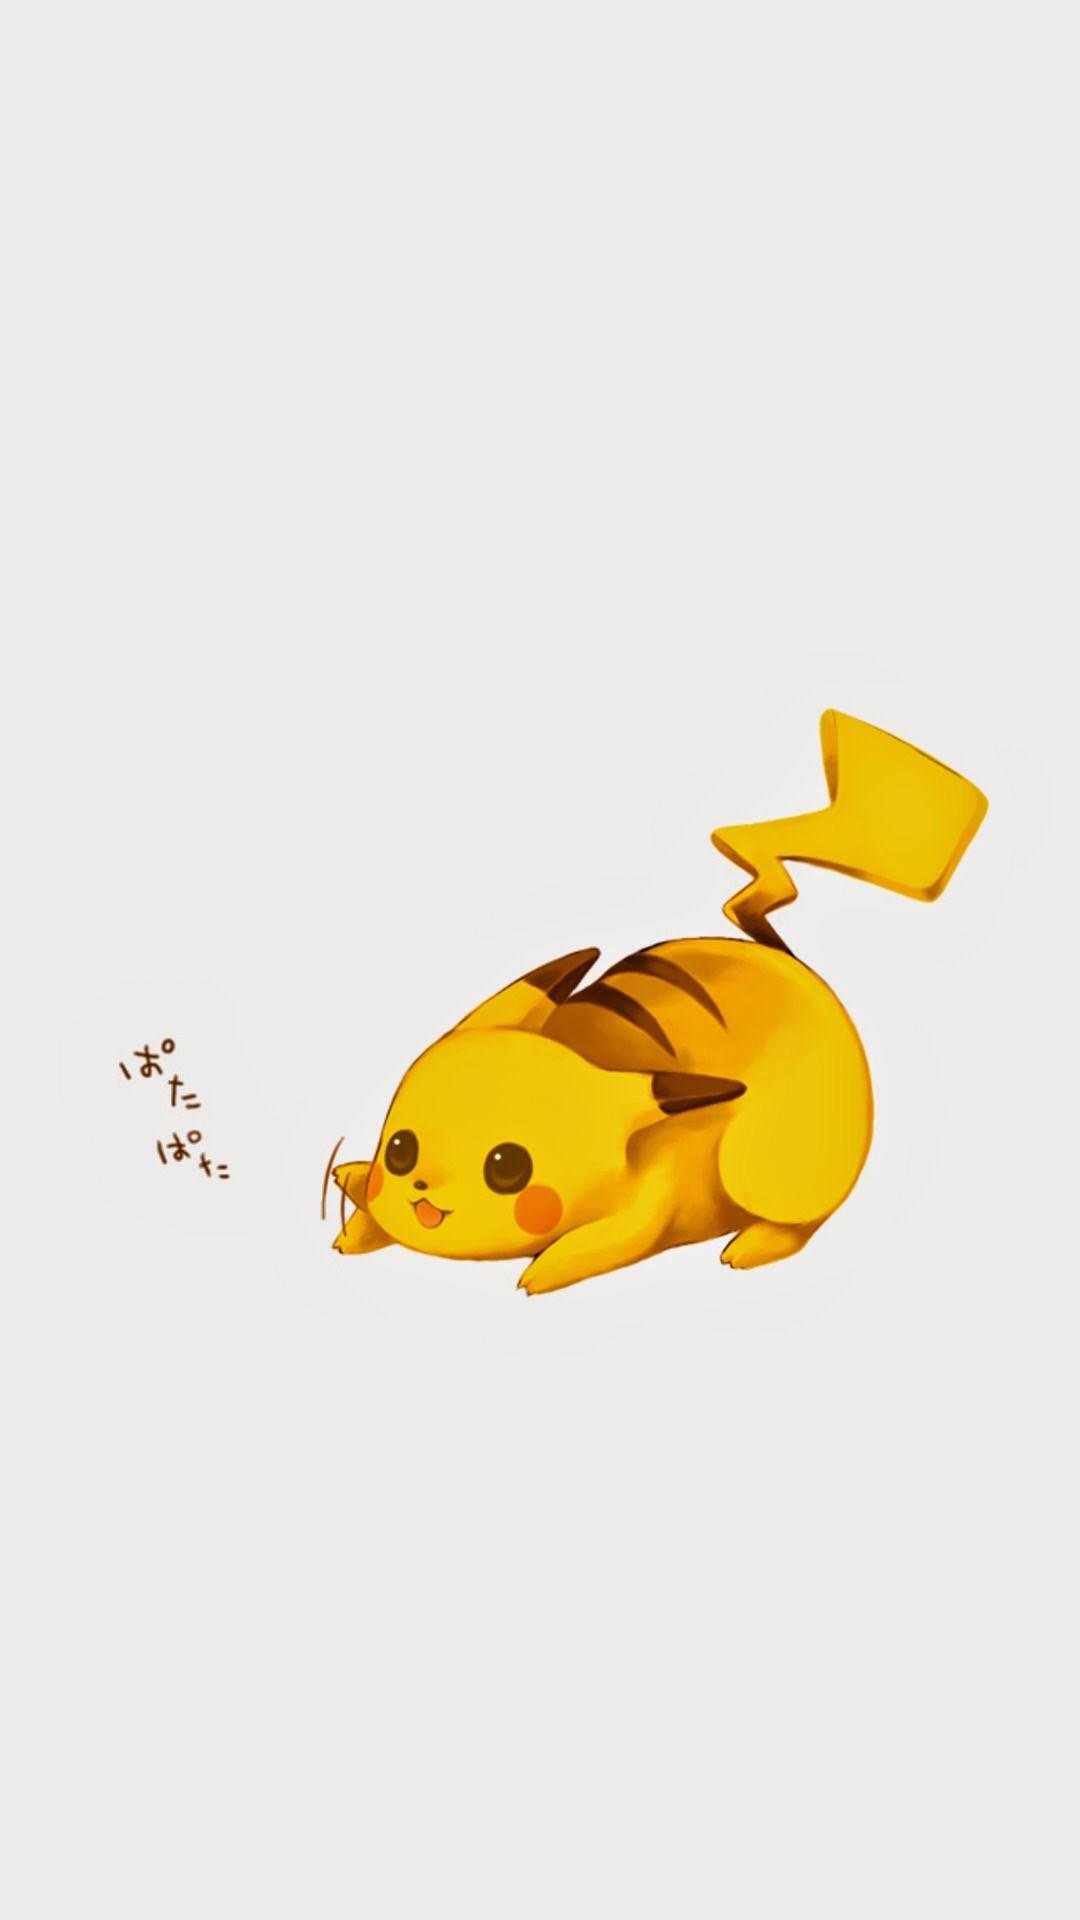 234 Pokemon Cute